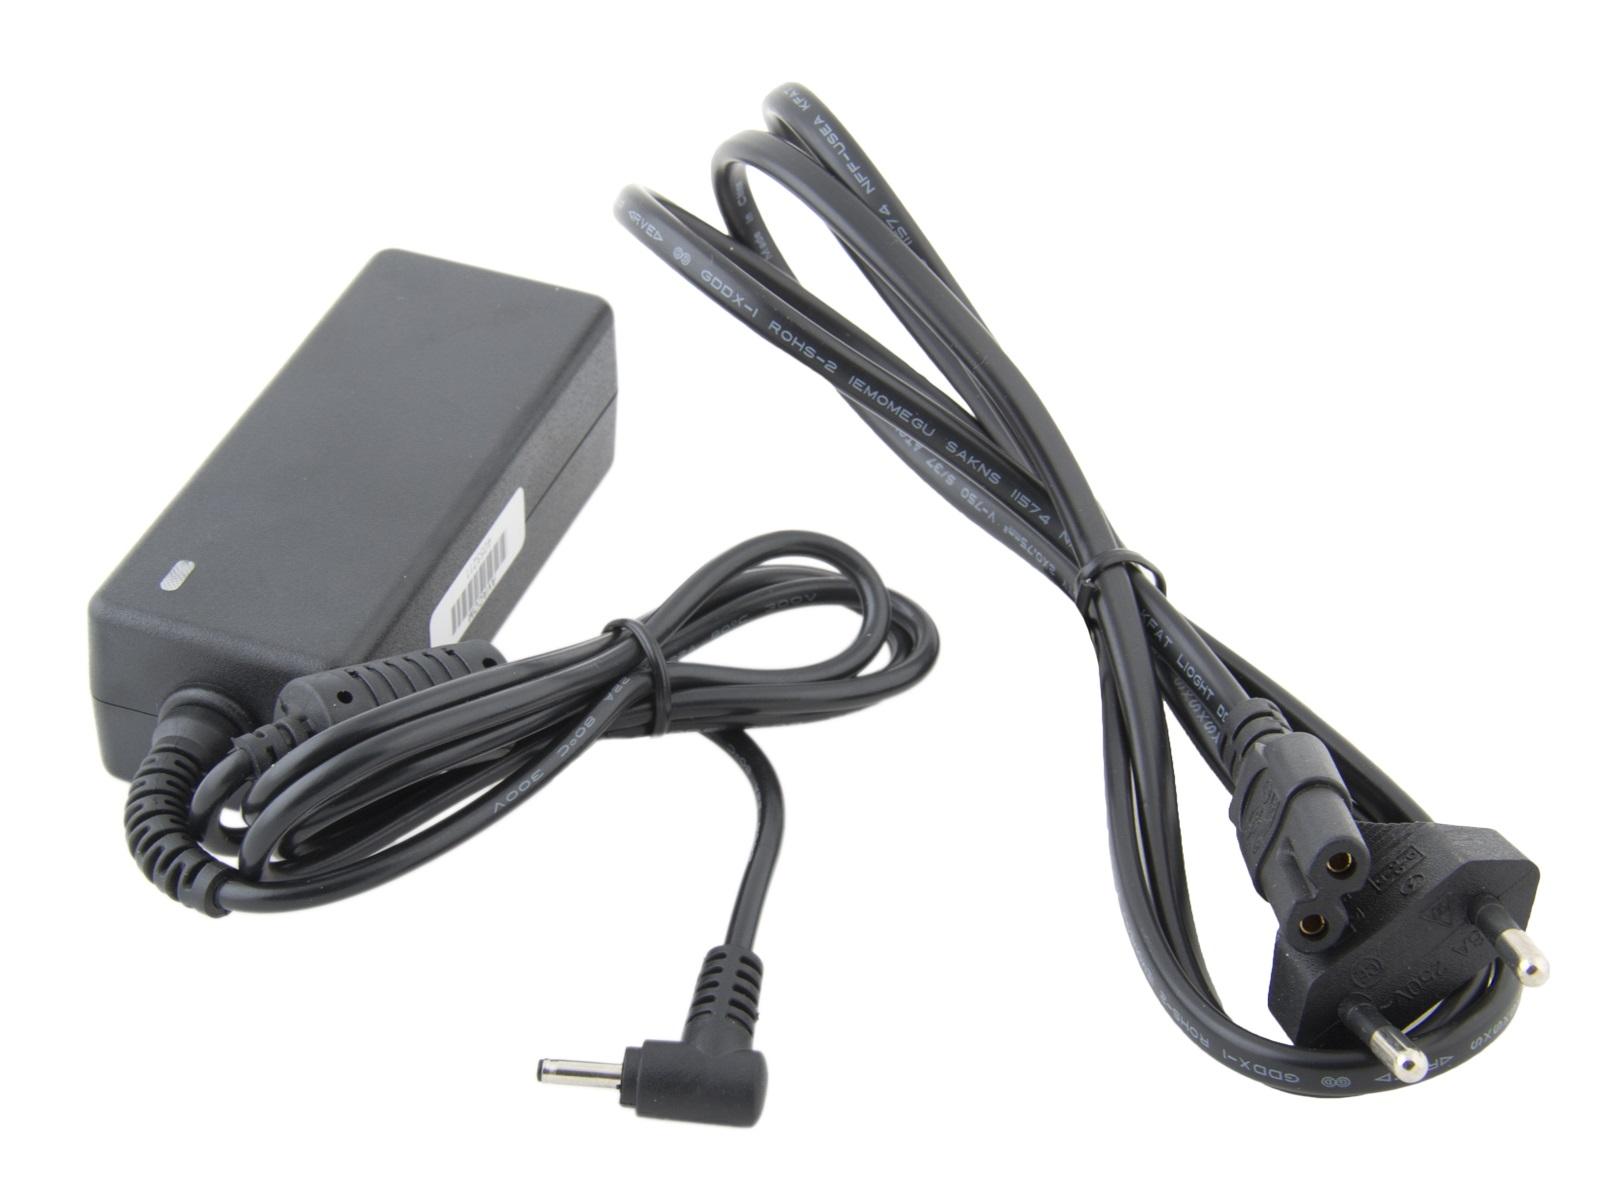 AVACOM Nabíjecí adaptér pro notebook Samsung 19V 2,1A 40W konektor 3,0mm x 1,0mm - 2-pin